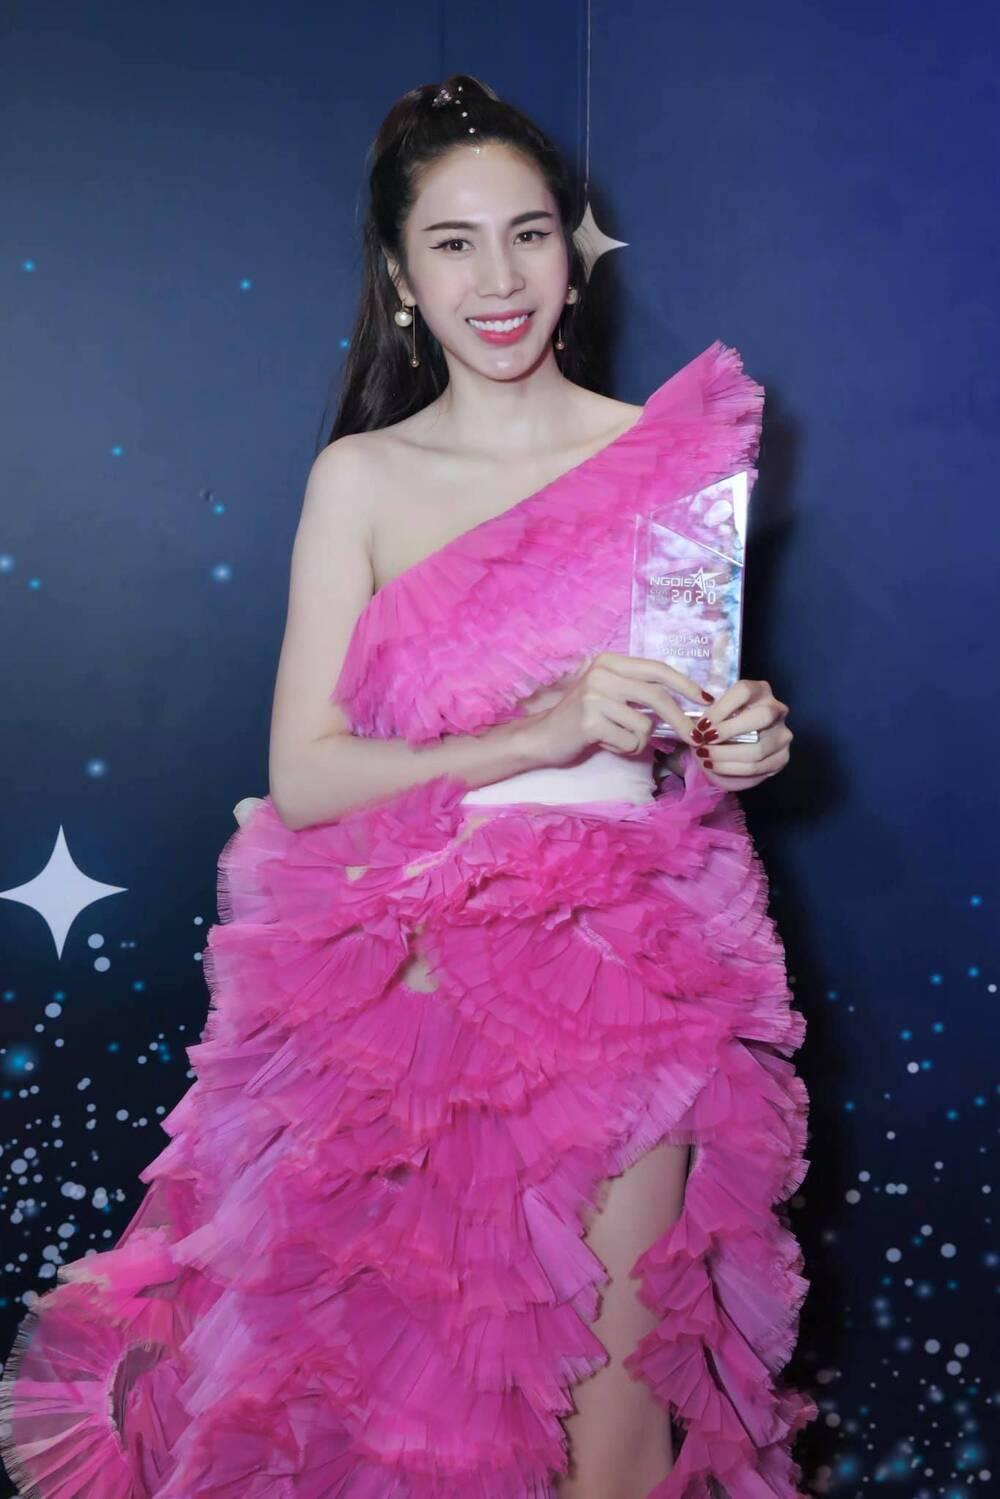 Đụng hàng Thủy Tiên, Hoa hậu Phương Khánh tự tin diện váy cắt xẻ tạo dáng trên xe buýt Ảnh 8